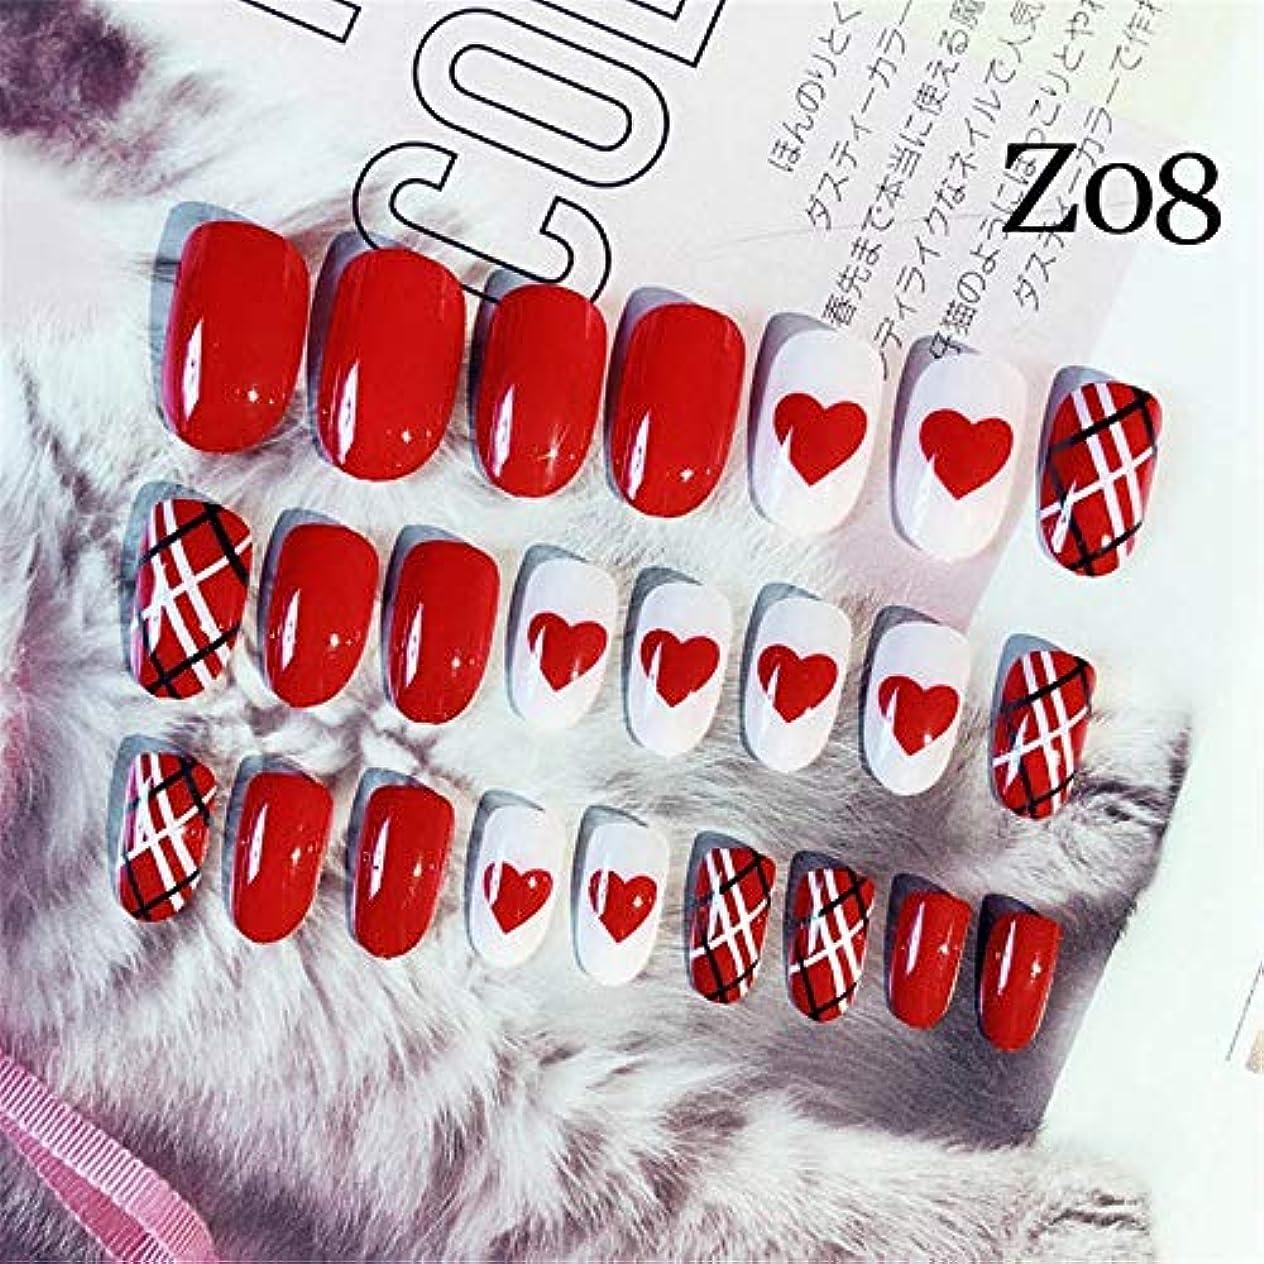 外側影響する味わうXUTXZKA 24ピース/セットファッションマットアート偽ネイルショートラウンドフェイクネイル爪エクステンションツールネイルアートアクセサリー